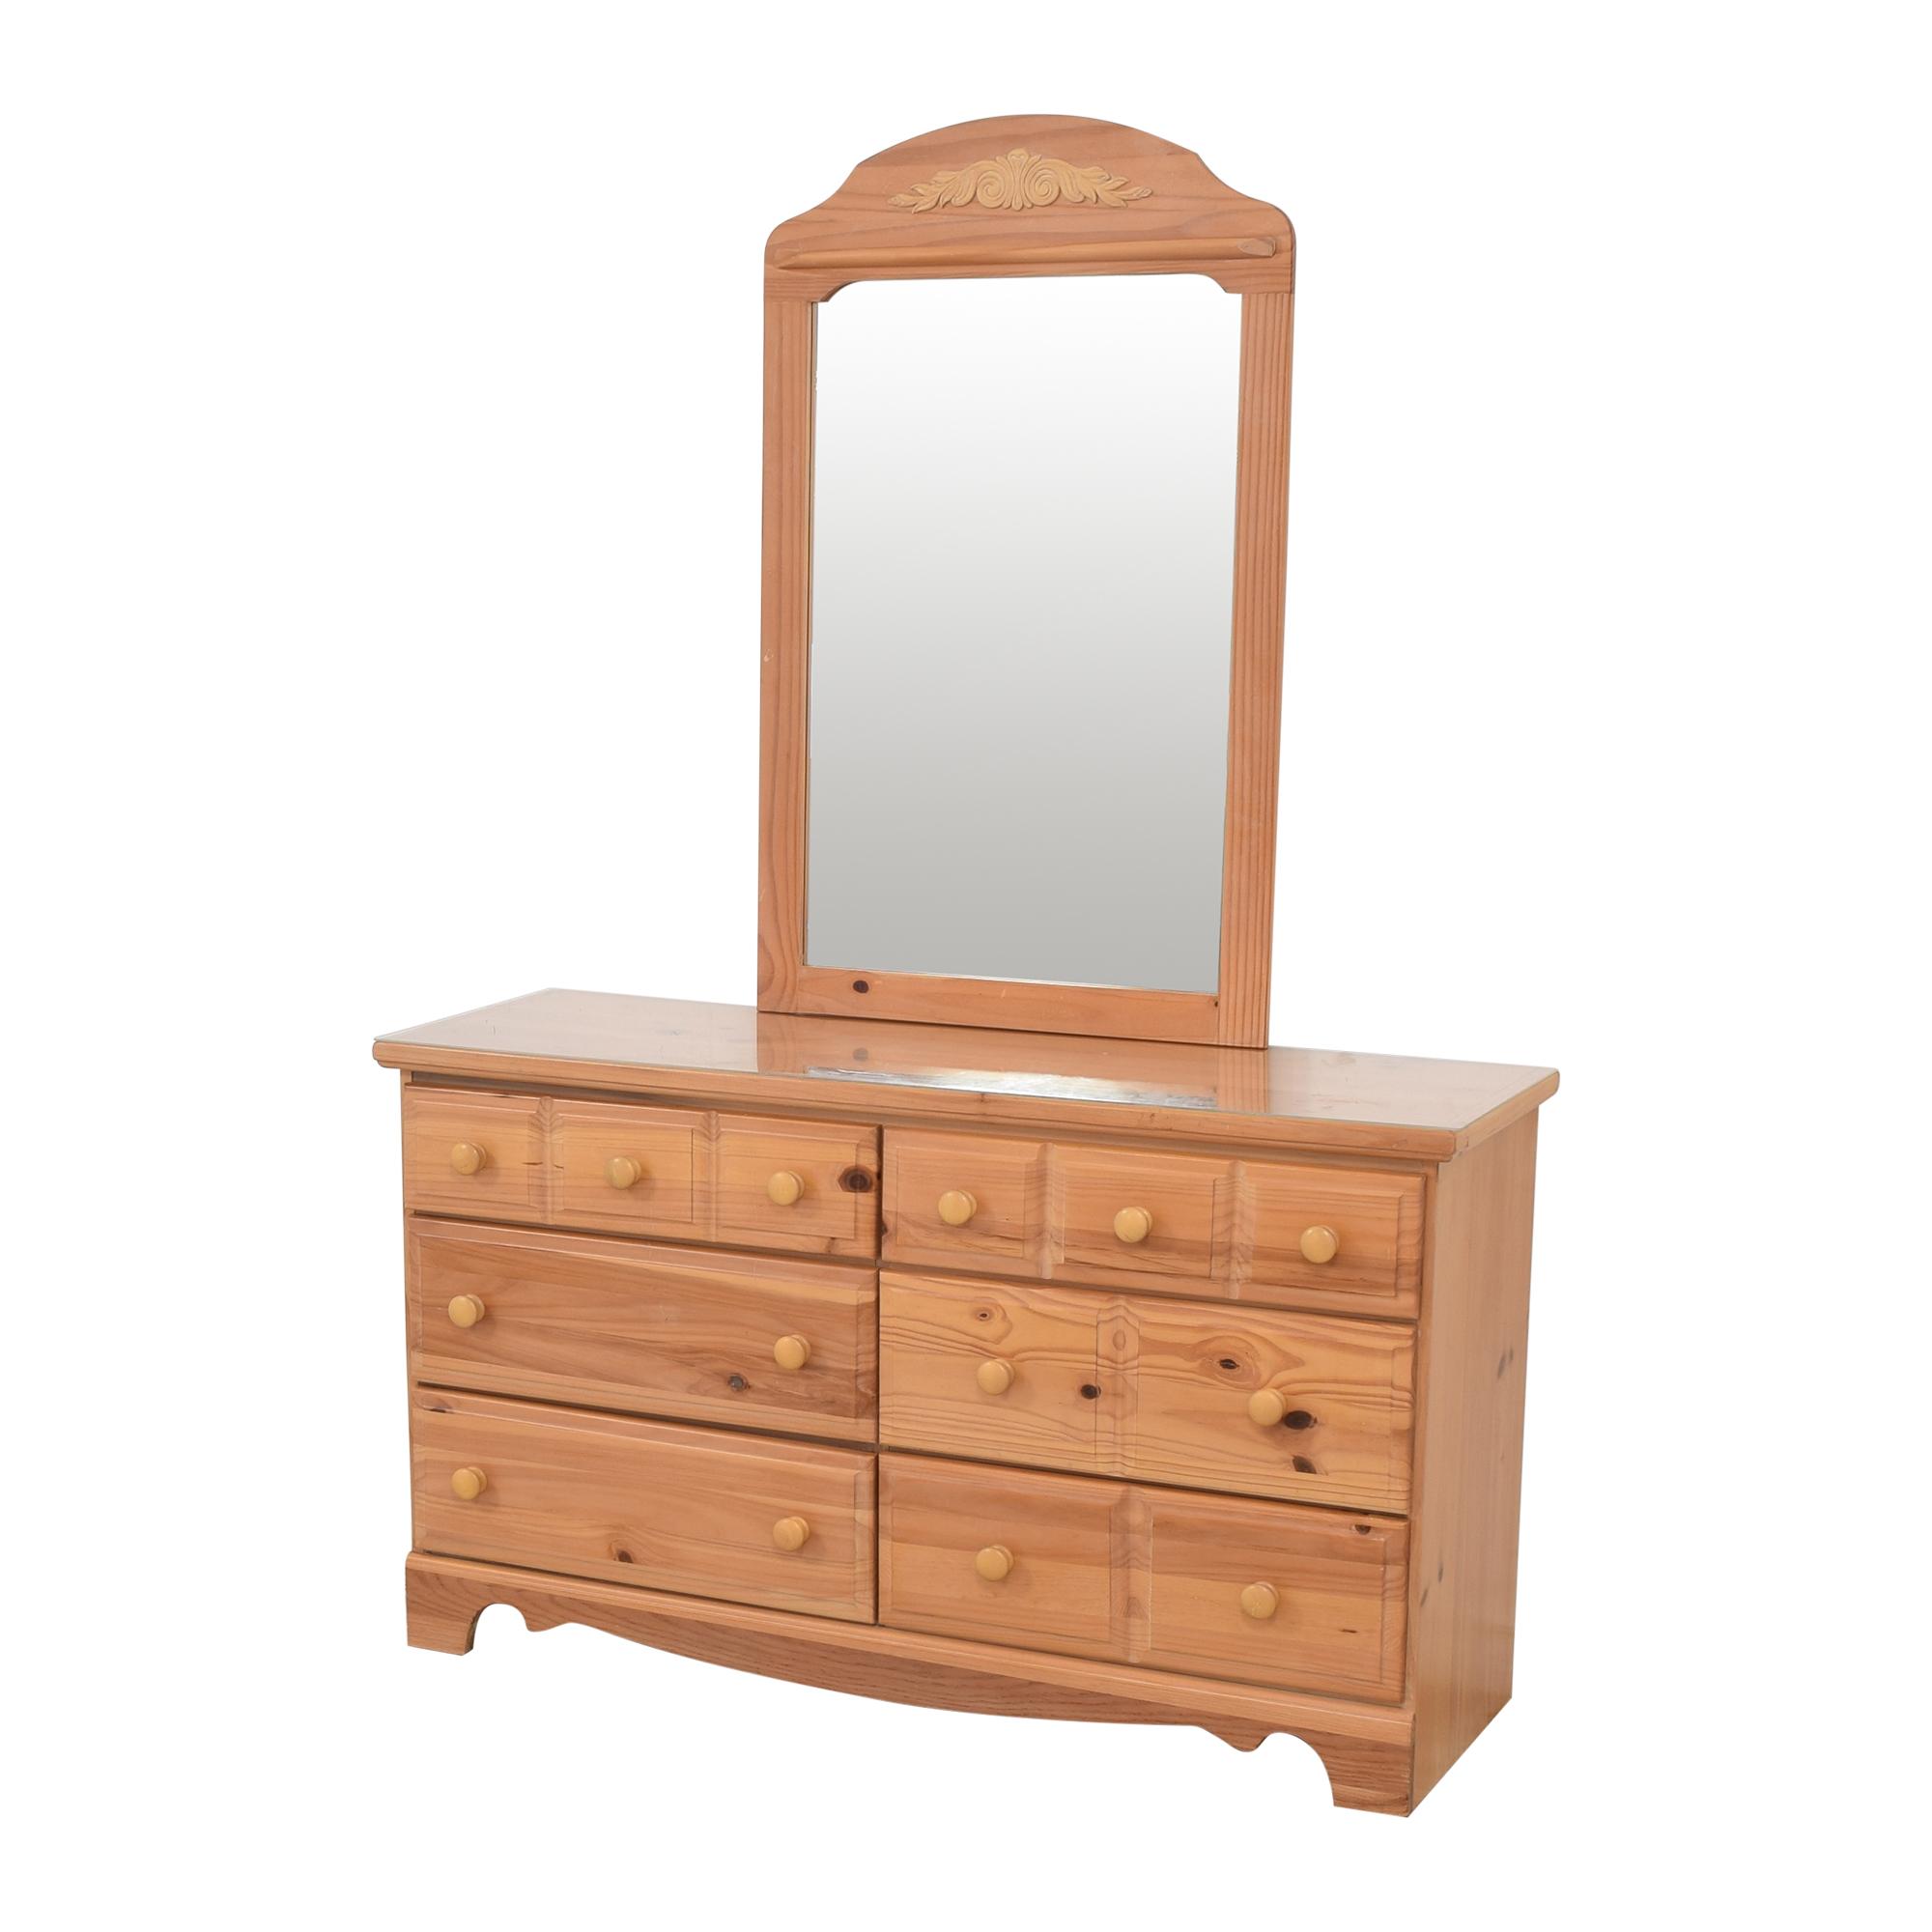 Vaughan-Bassett Vaughan-Bassett Six Drawer Dresser and Mirror dimensions